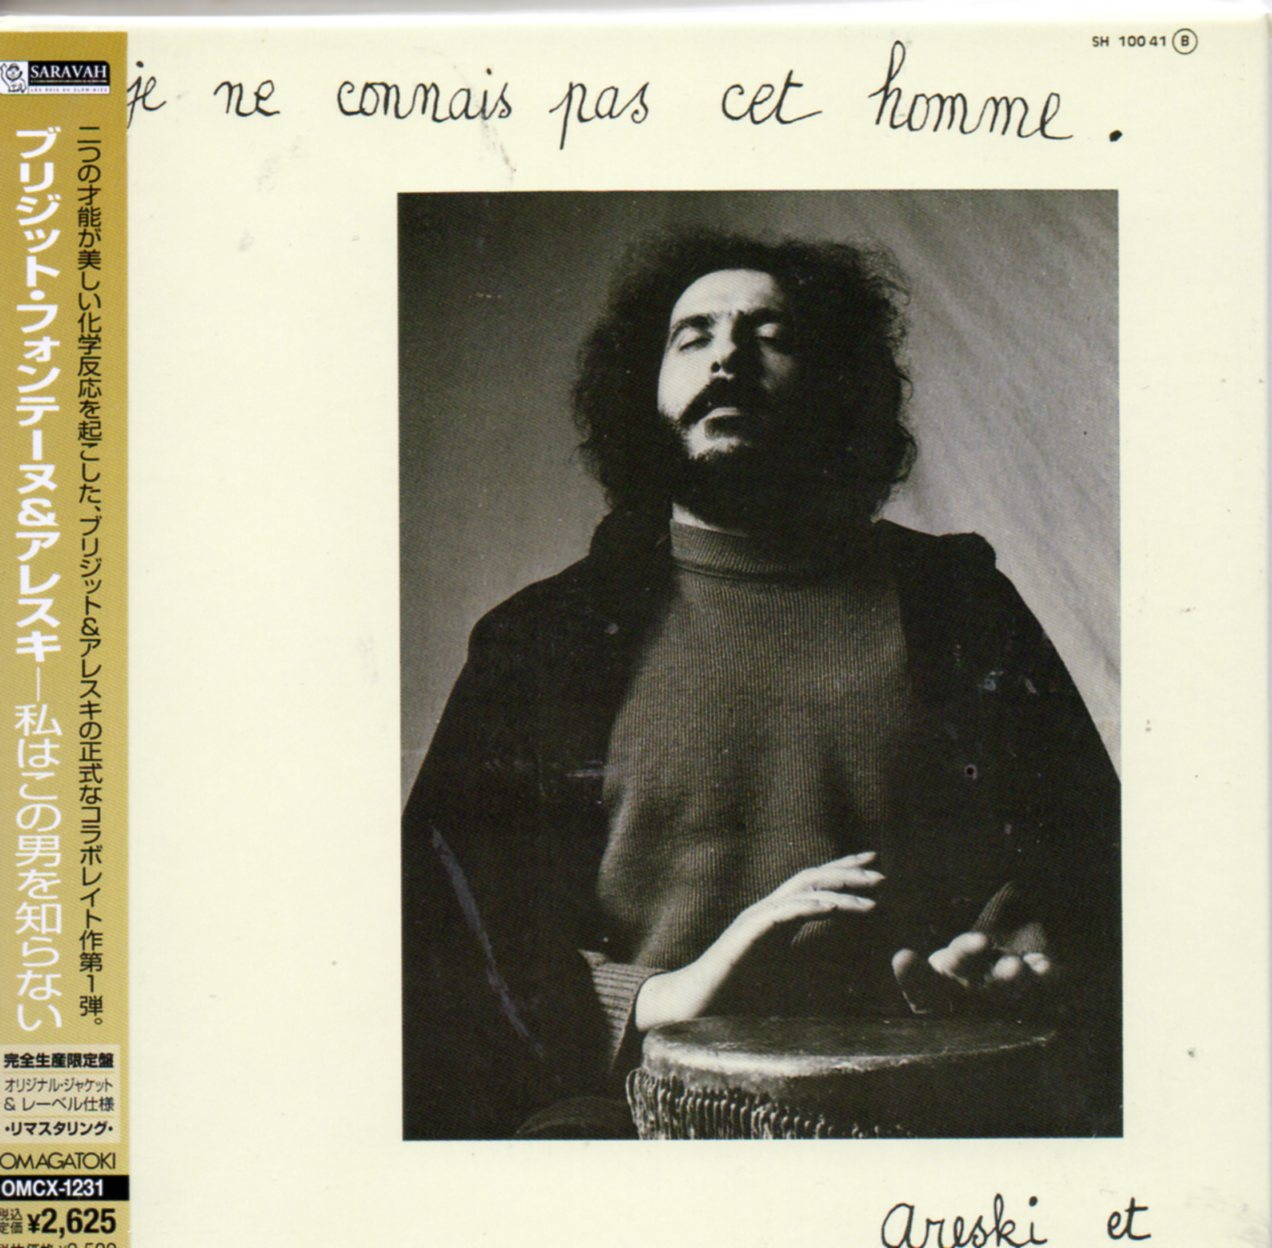 BRIGITTE FONTAINE - Je ne connais pas cet homme - CD